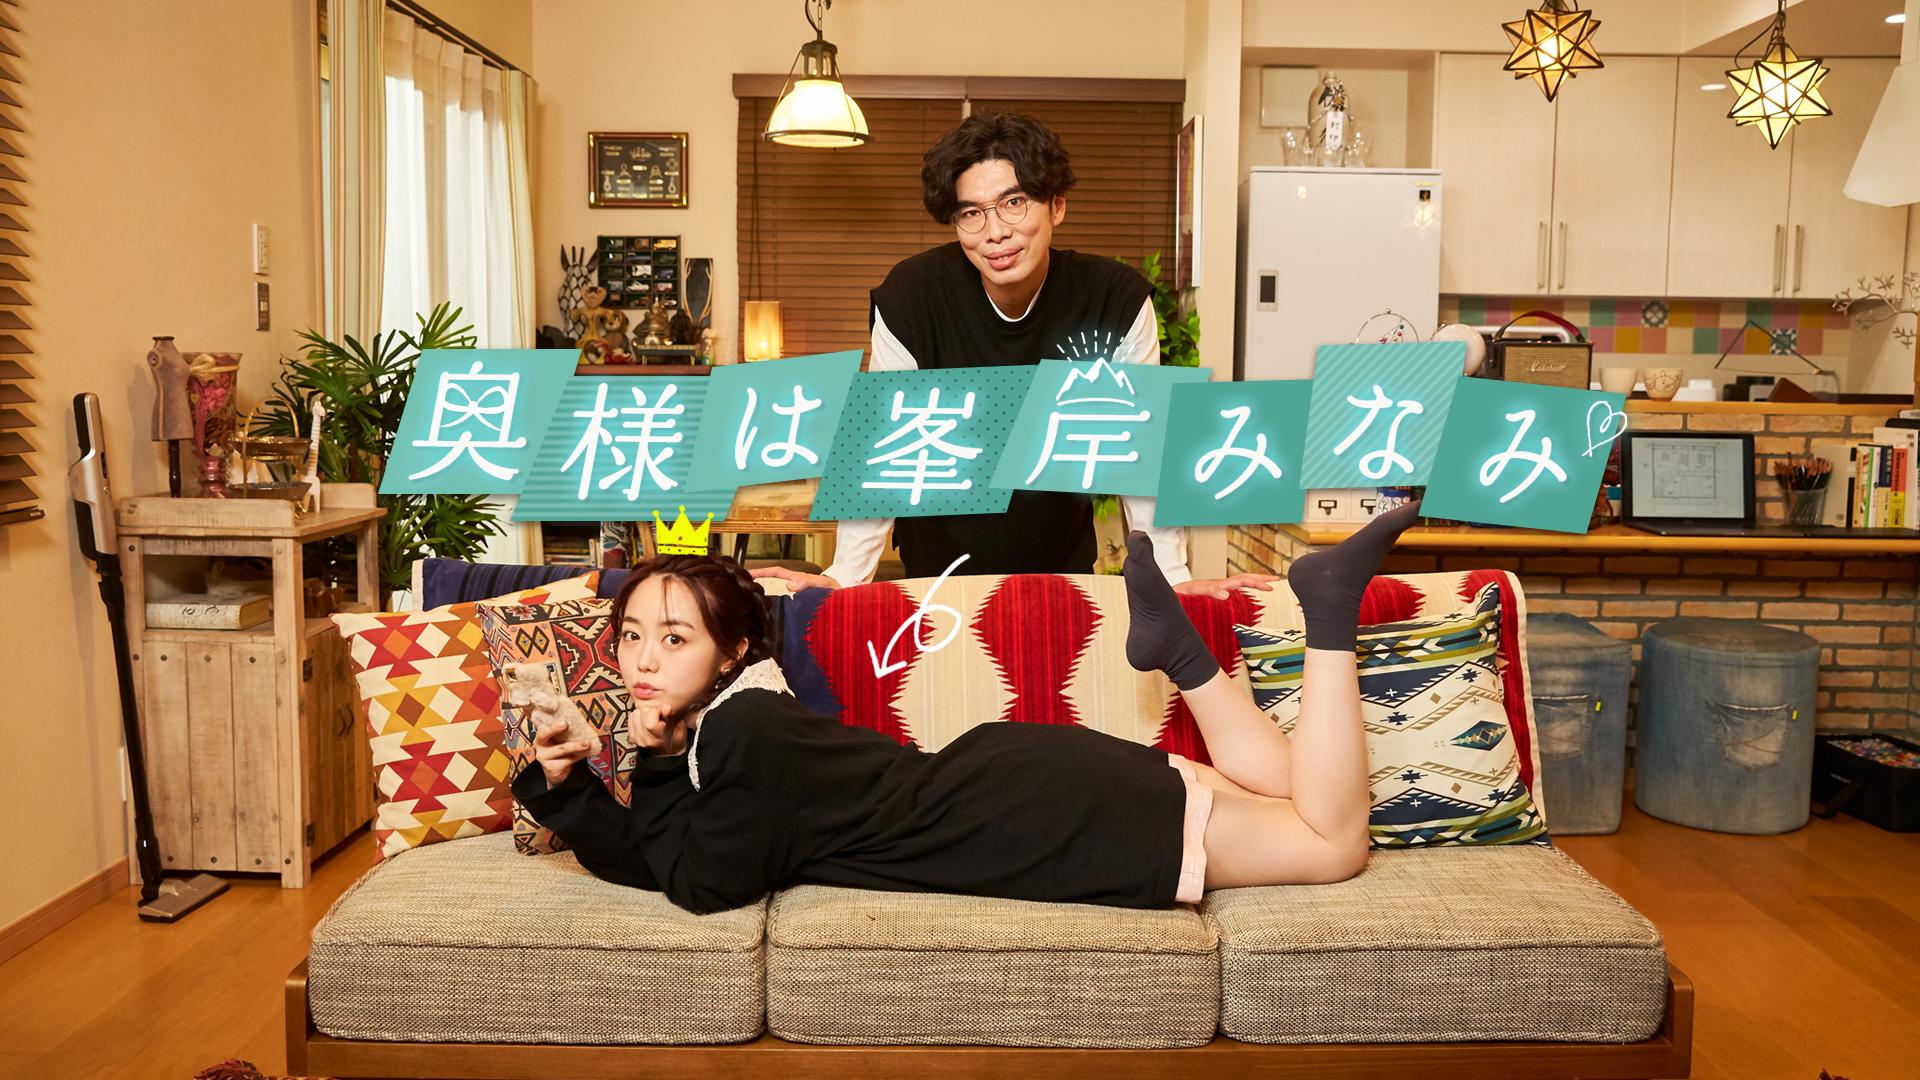 3月26日(金)「奥様は峯岸みなみ」ひかりTV公式YouTubeチャンネルで無料配信!